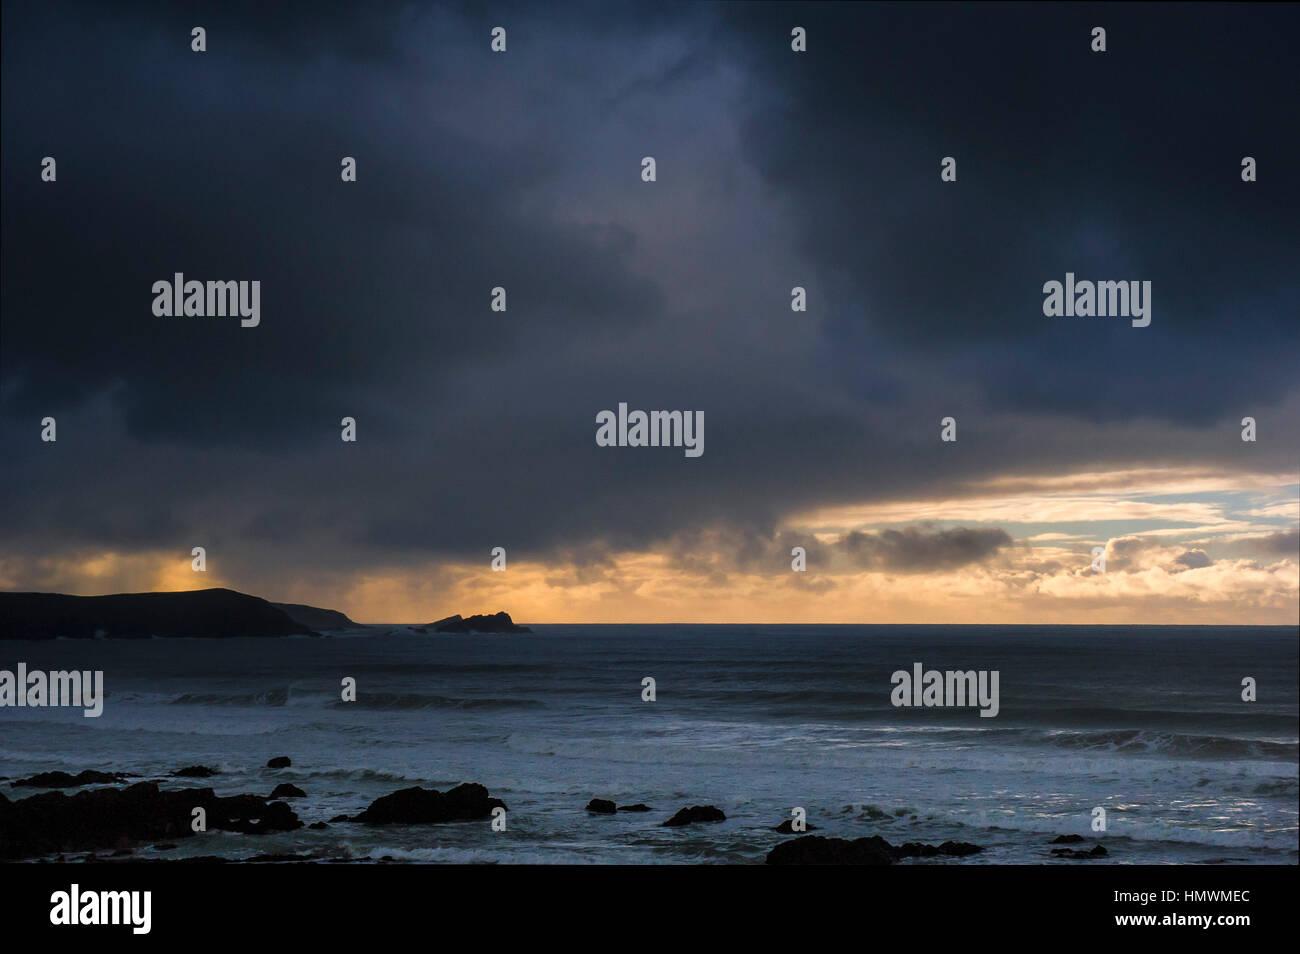 Dunkle, bedrohliche Gewitterwolken gehen über die Küste von Newquay an der Küste von North Cornwall. Stockbild